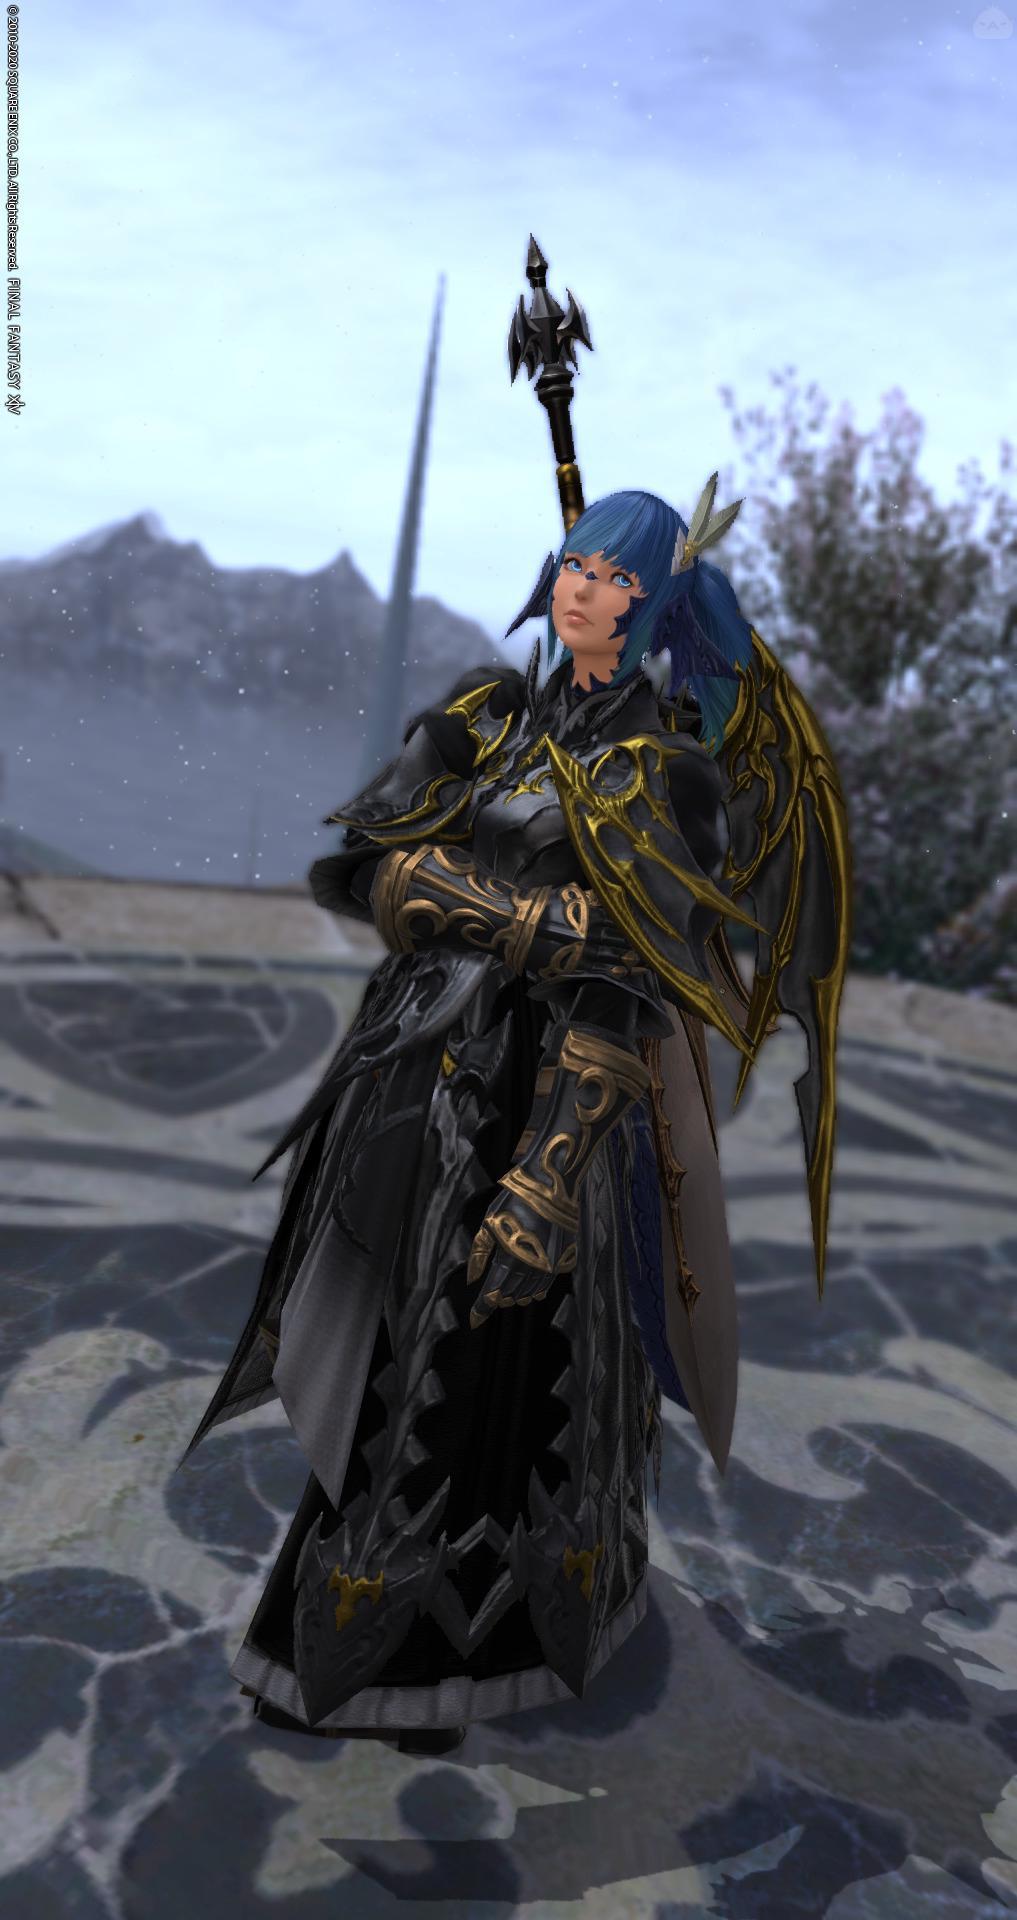 暗黒龍騎士。